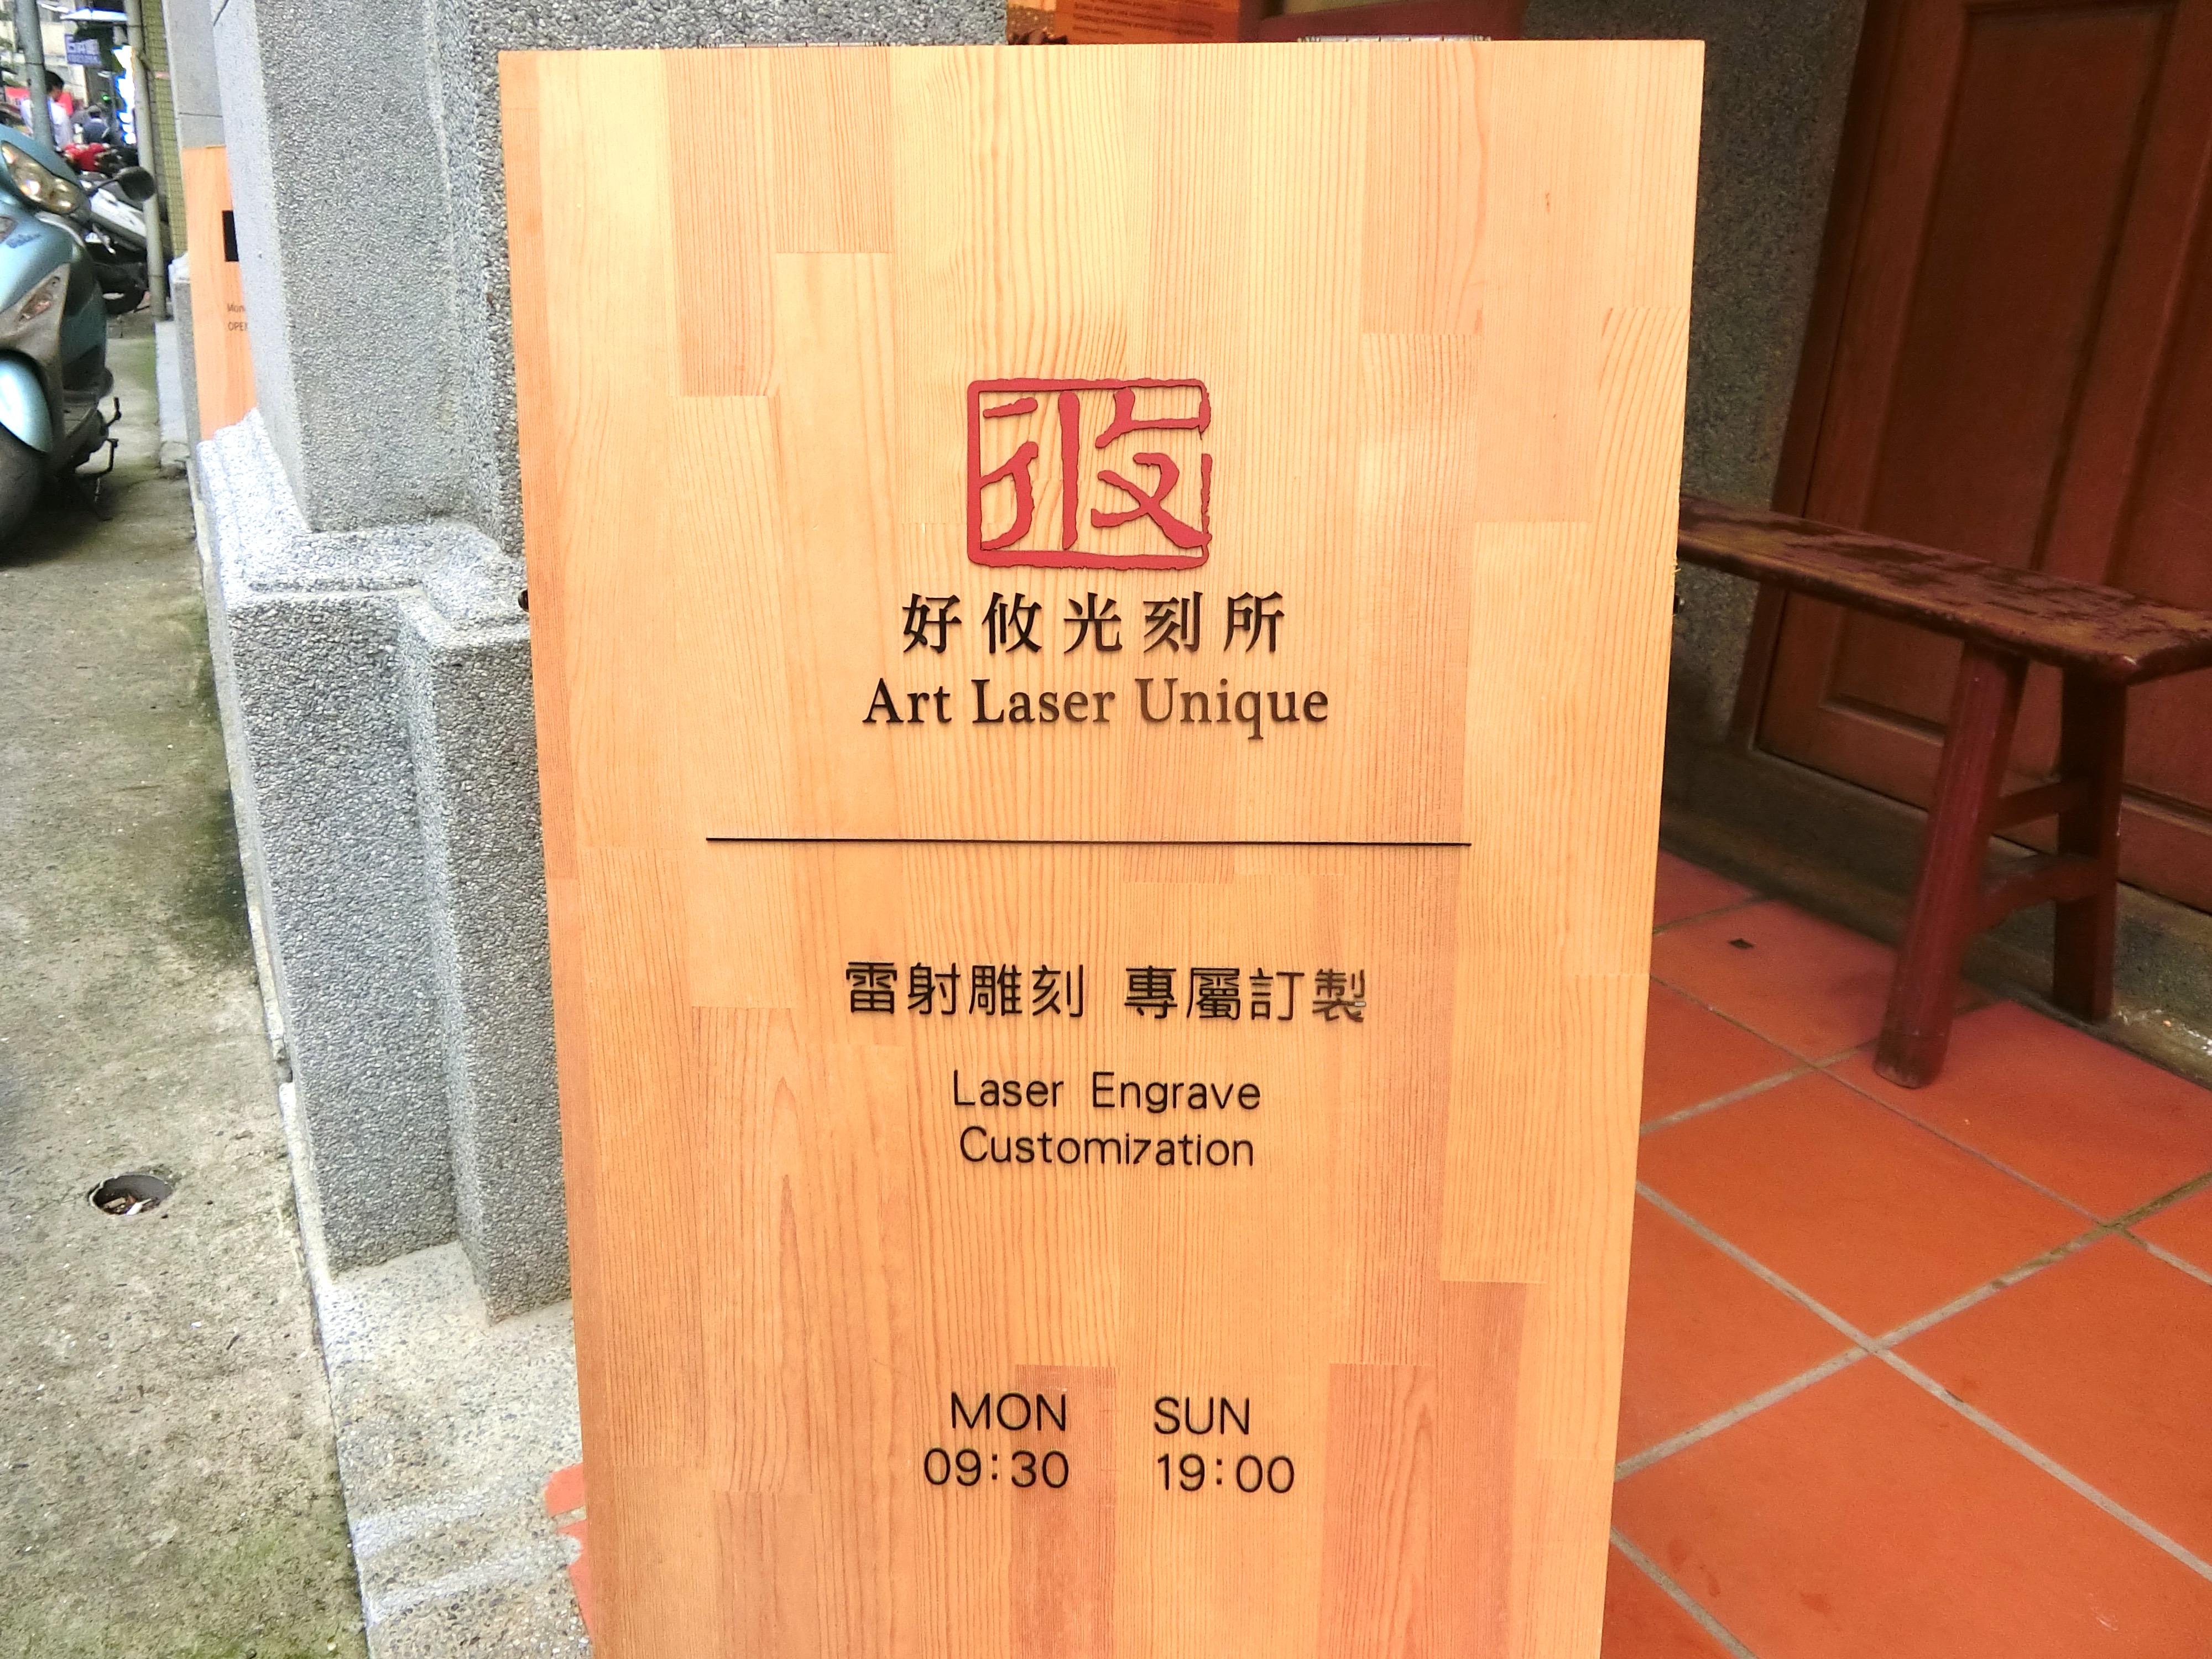 台湾土産にも♪ 迪化街「好攸光刻所」でオリジナルの木製アイテムを作ってみた